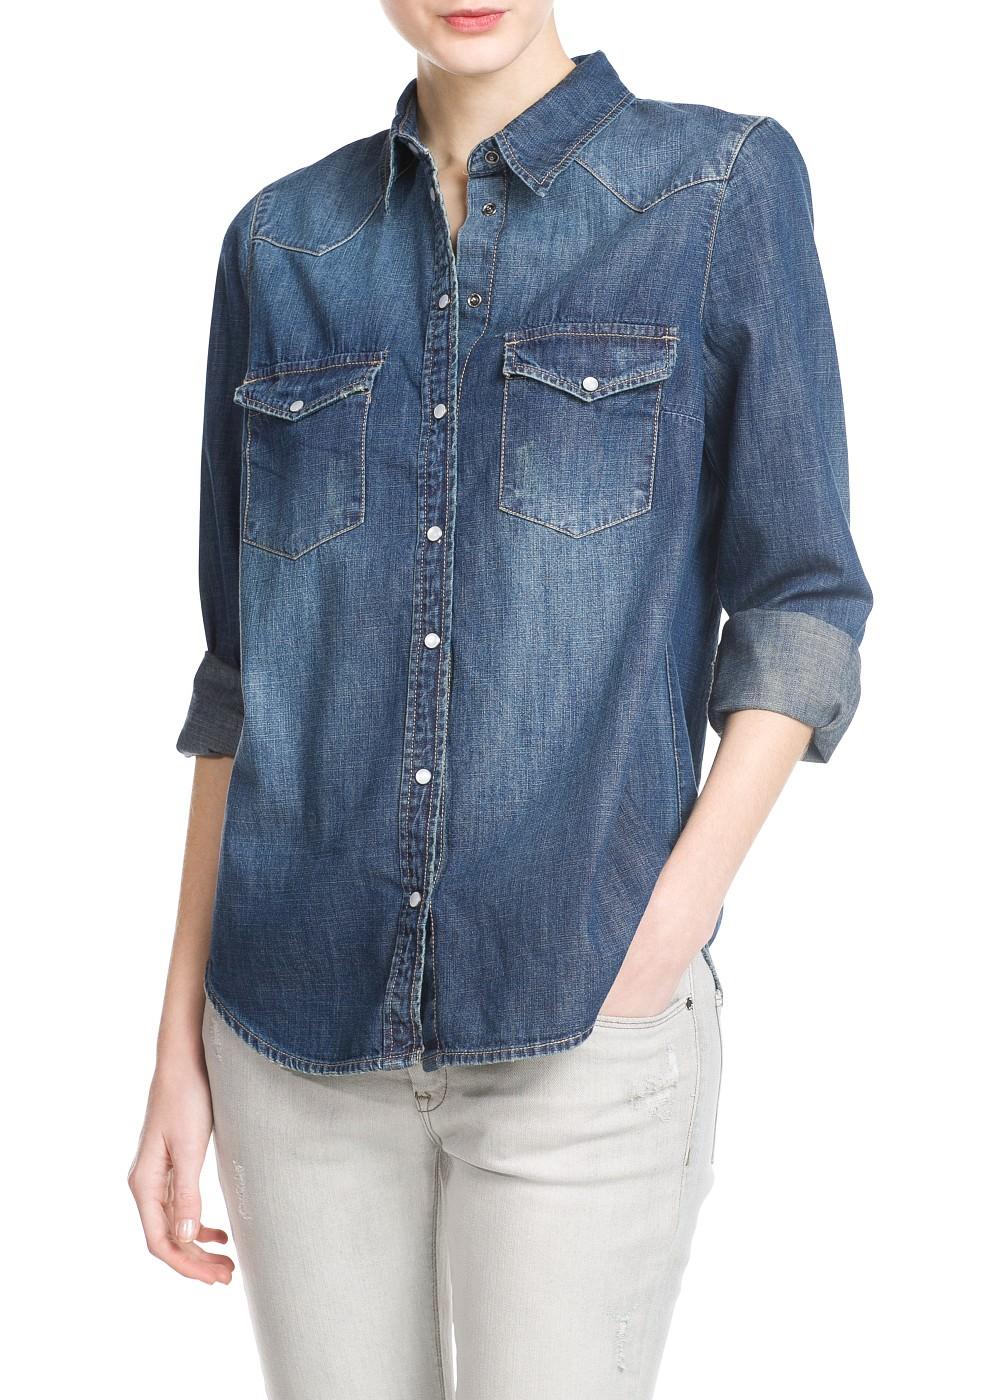 Dunkles jeanshemd kleider damen mango - Jeanshemd damen lang ...